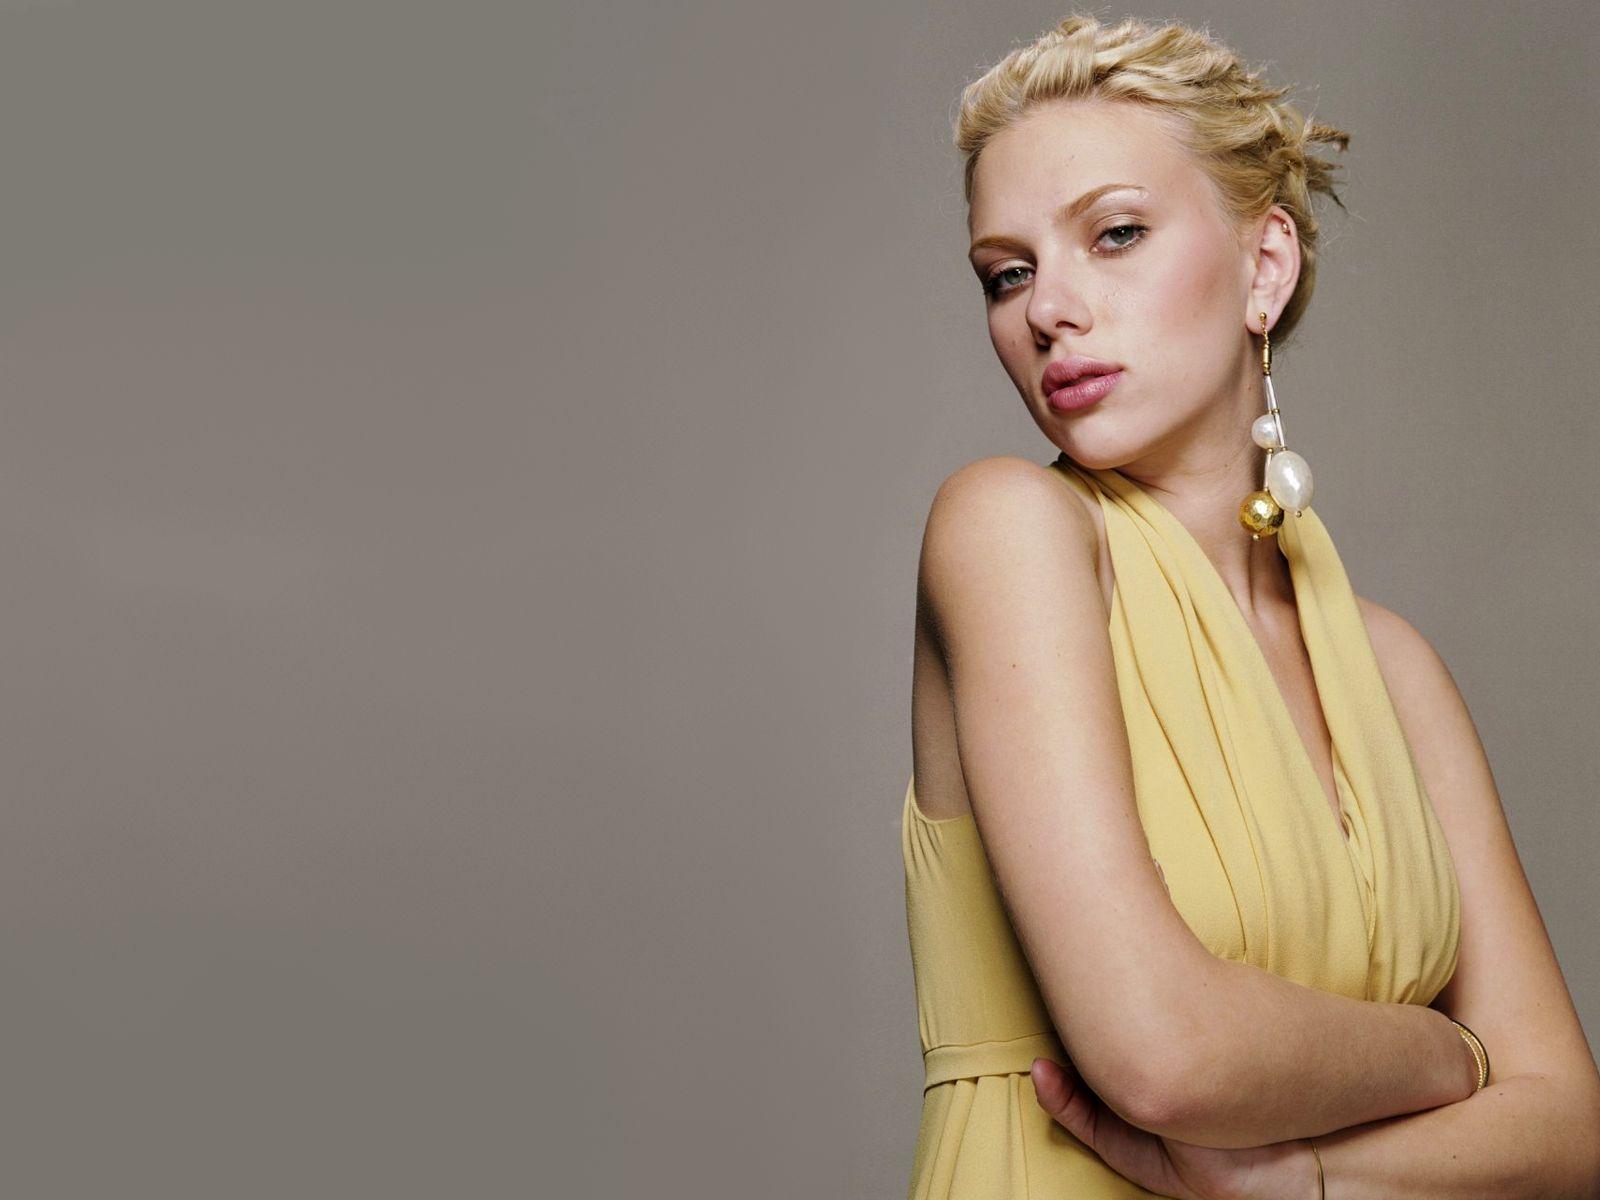 http://1.bp.blogspot.com/-o7X66rcDwcA/T-PfFOZmuUI/AAAAAAAADMs/_t_ApqNbiHw/s1600/Scarlett+Johansson+04.jpg